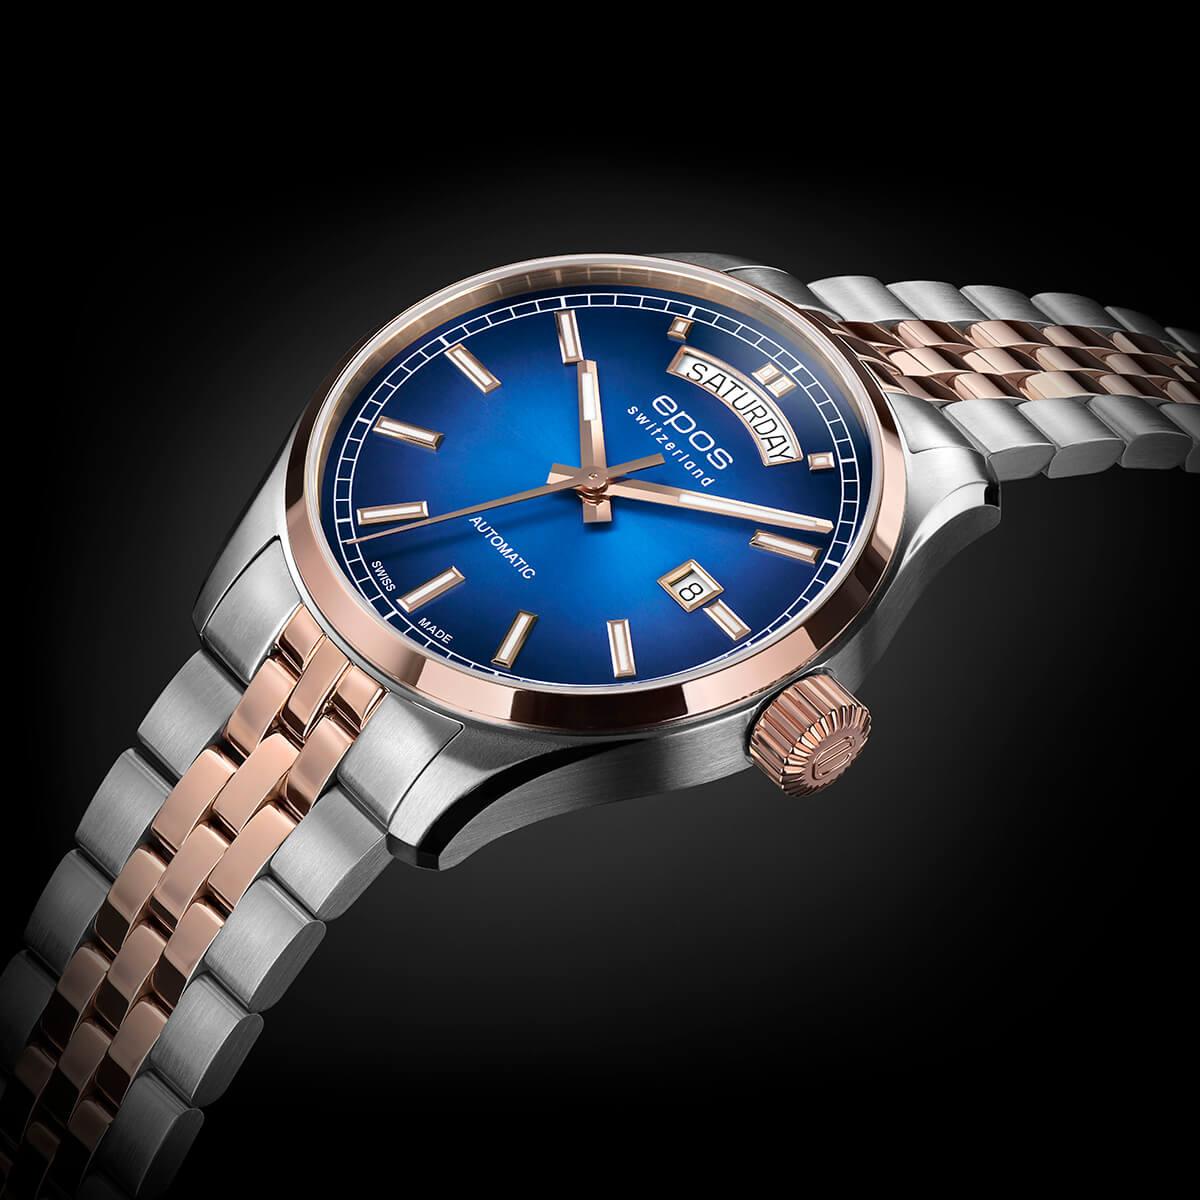 3501.142.34.96.44 zegarek męski Passion